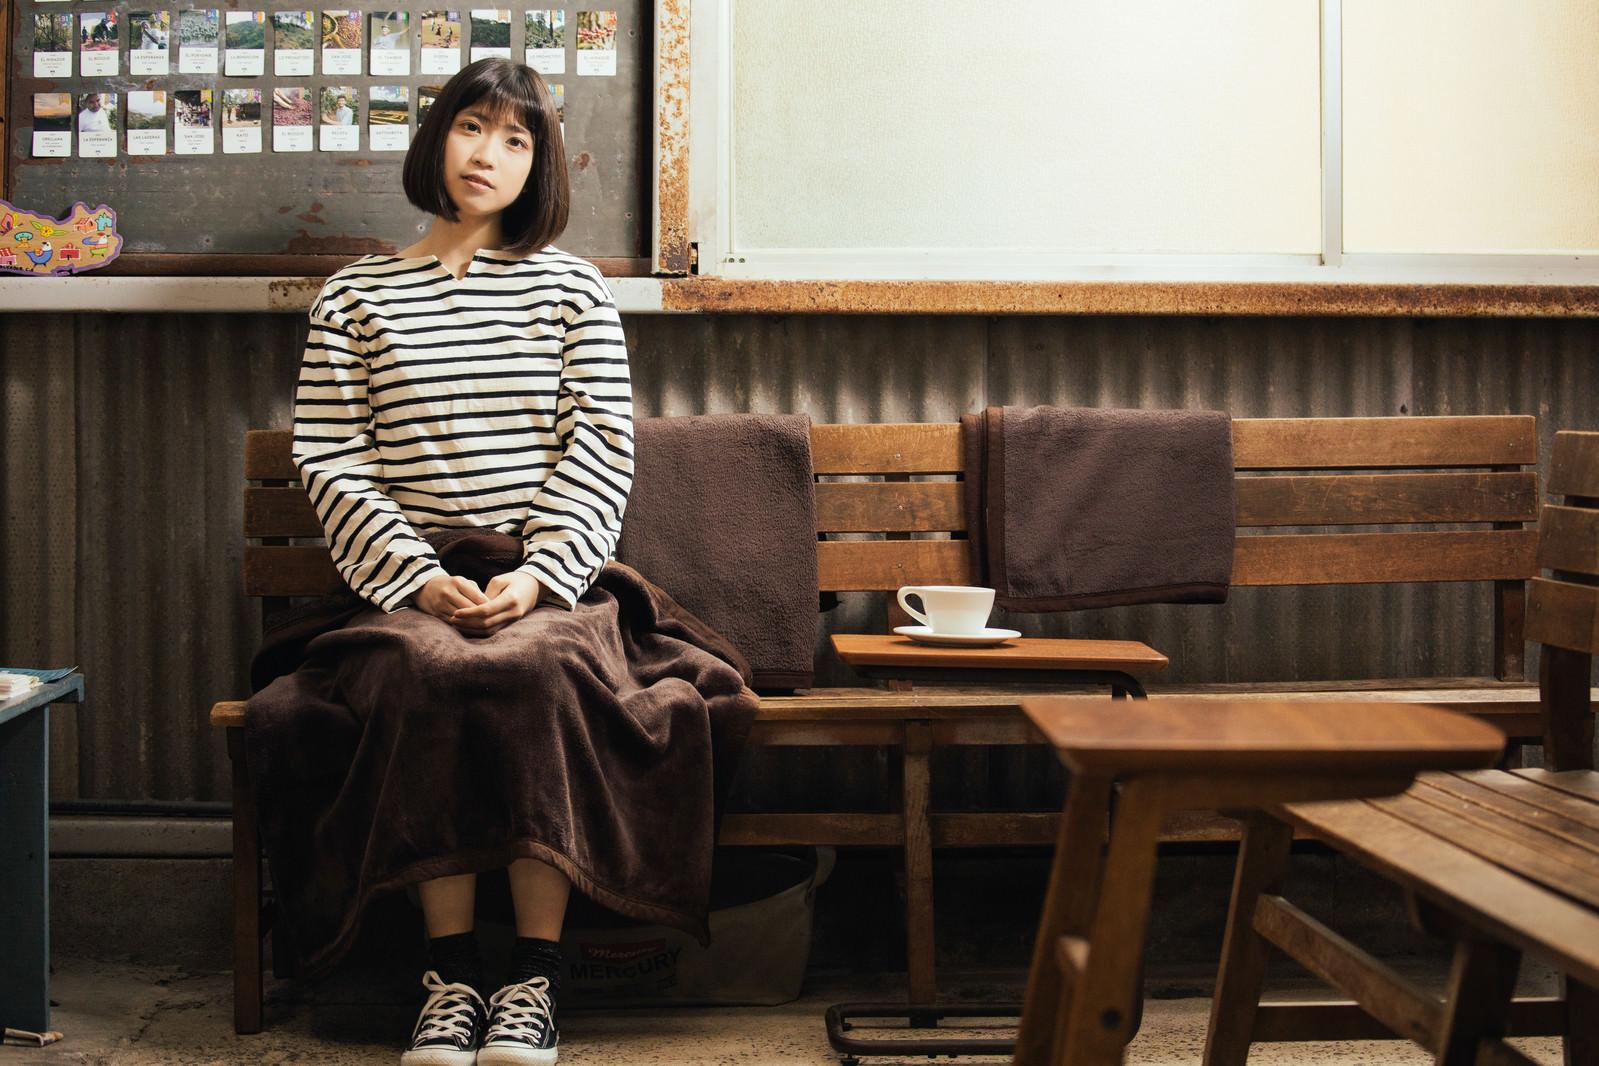 「レトロな雰囲気のカリオモンズコーヒーの店内で一息つく女性」の写真[モデル:塩田みう]